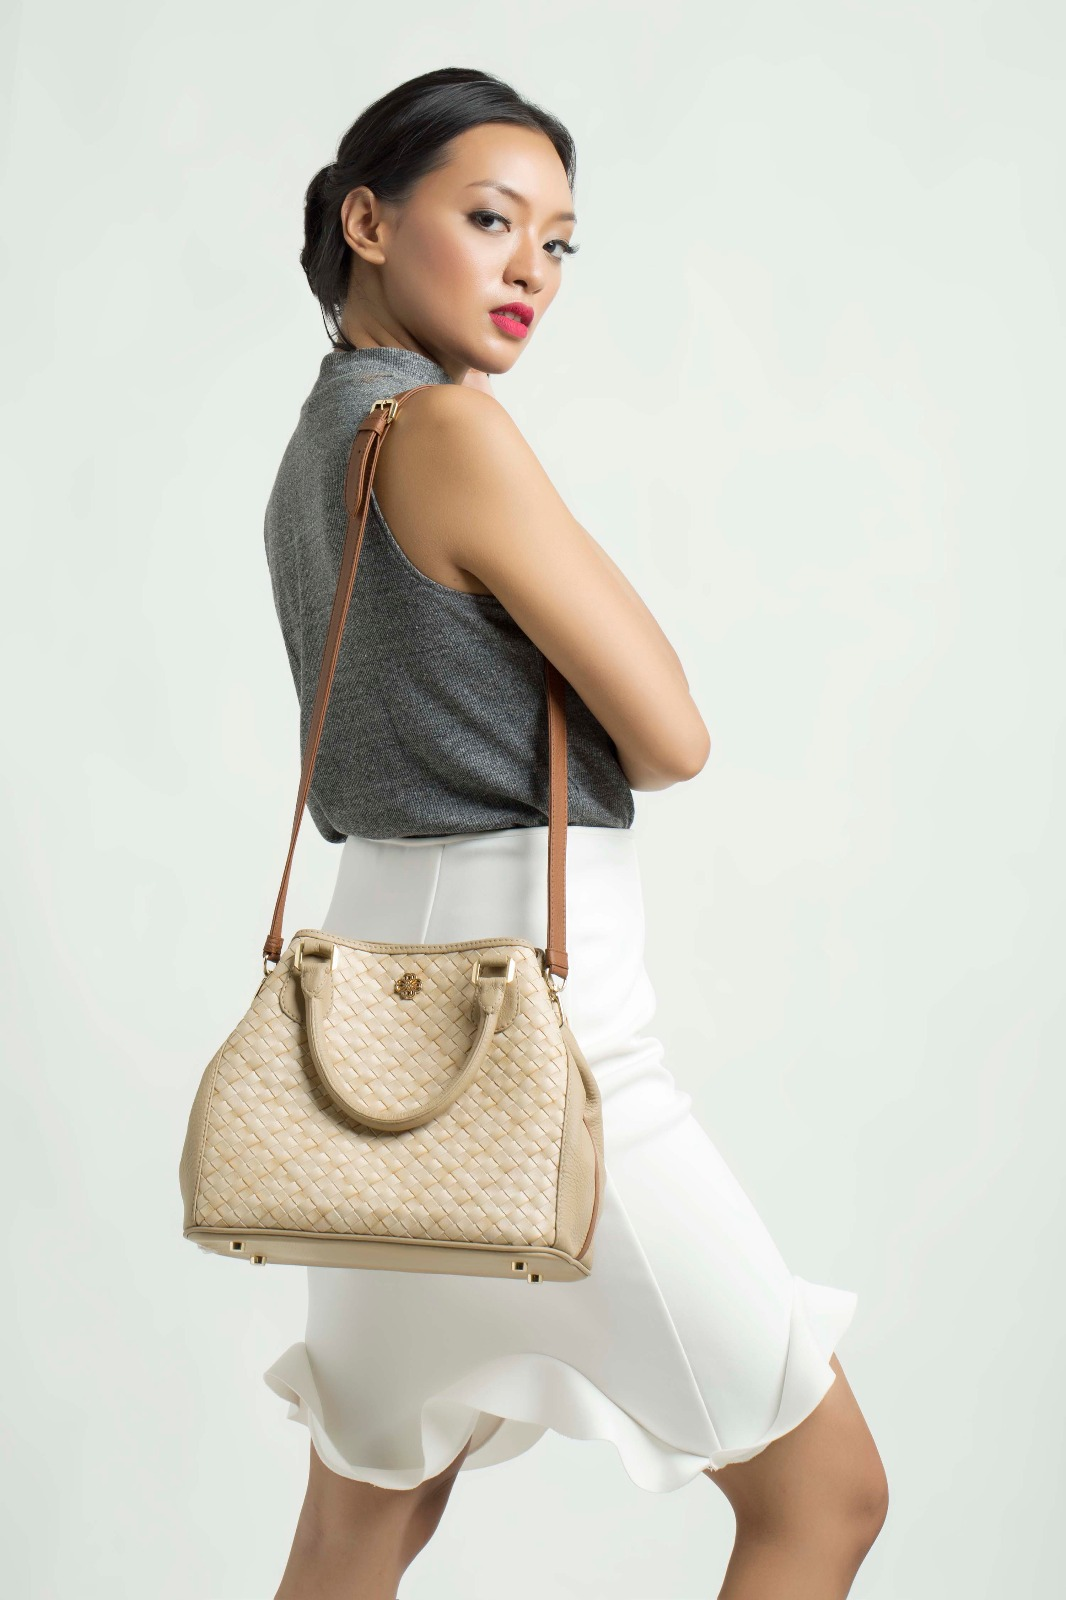 Foto: Model sedang memperagakan tas Chameo Couture/Dok: indotrading.com